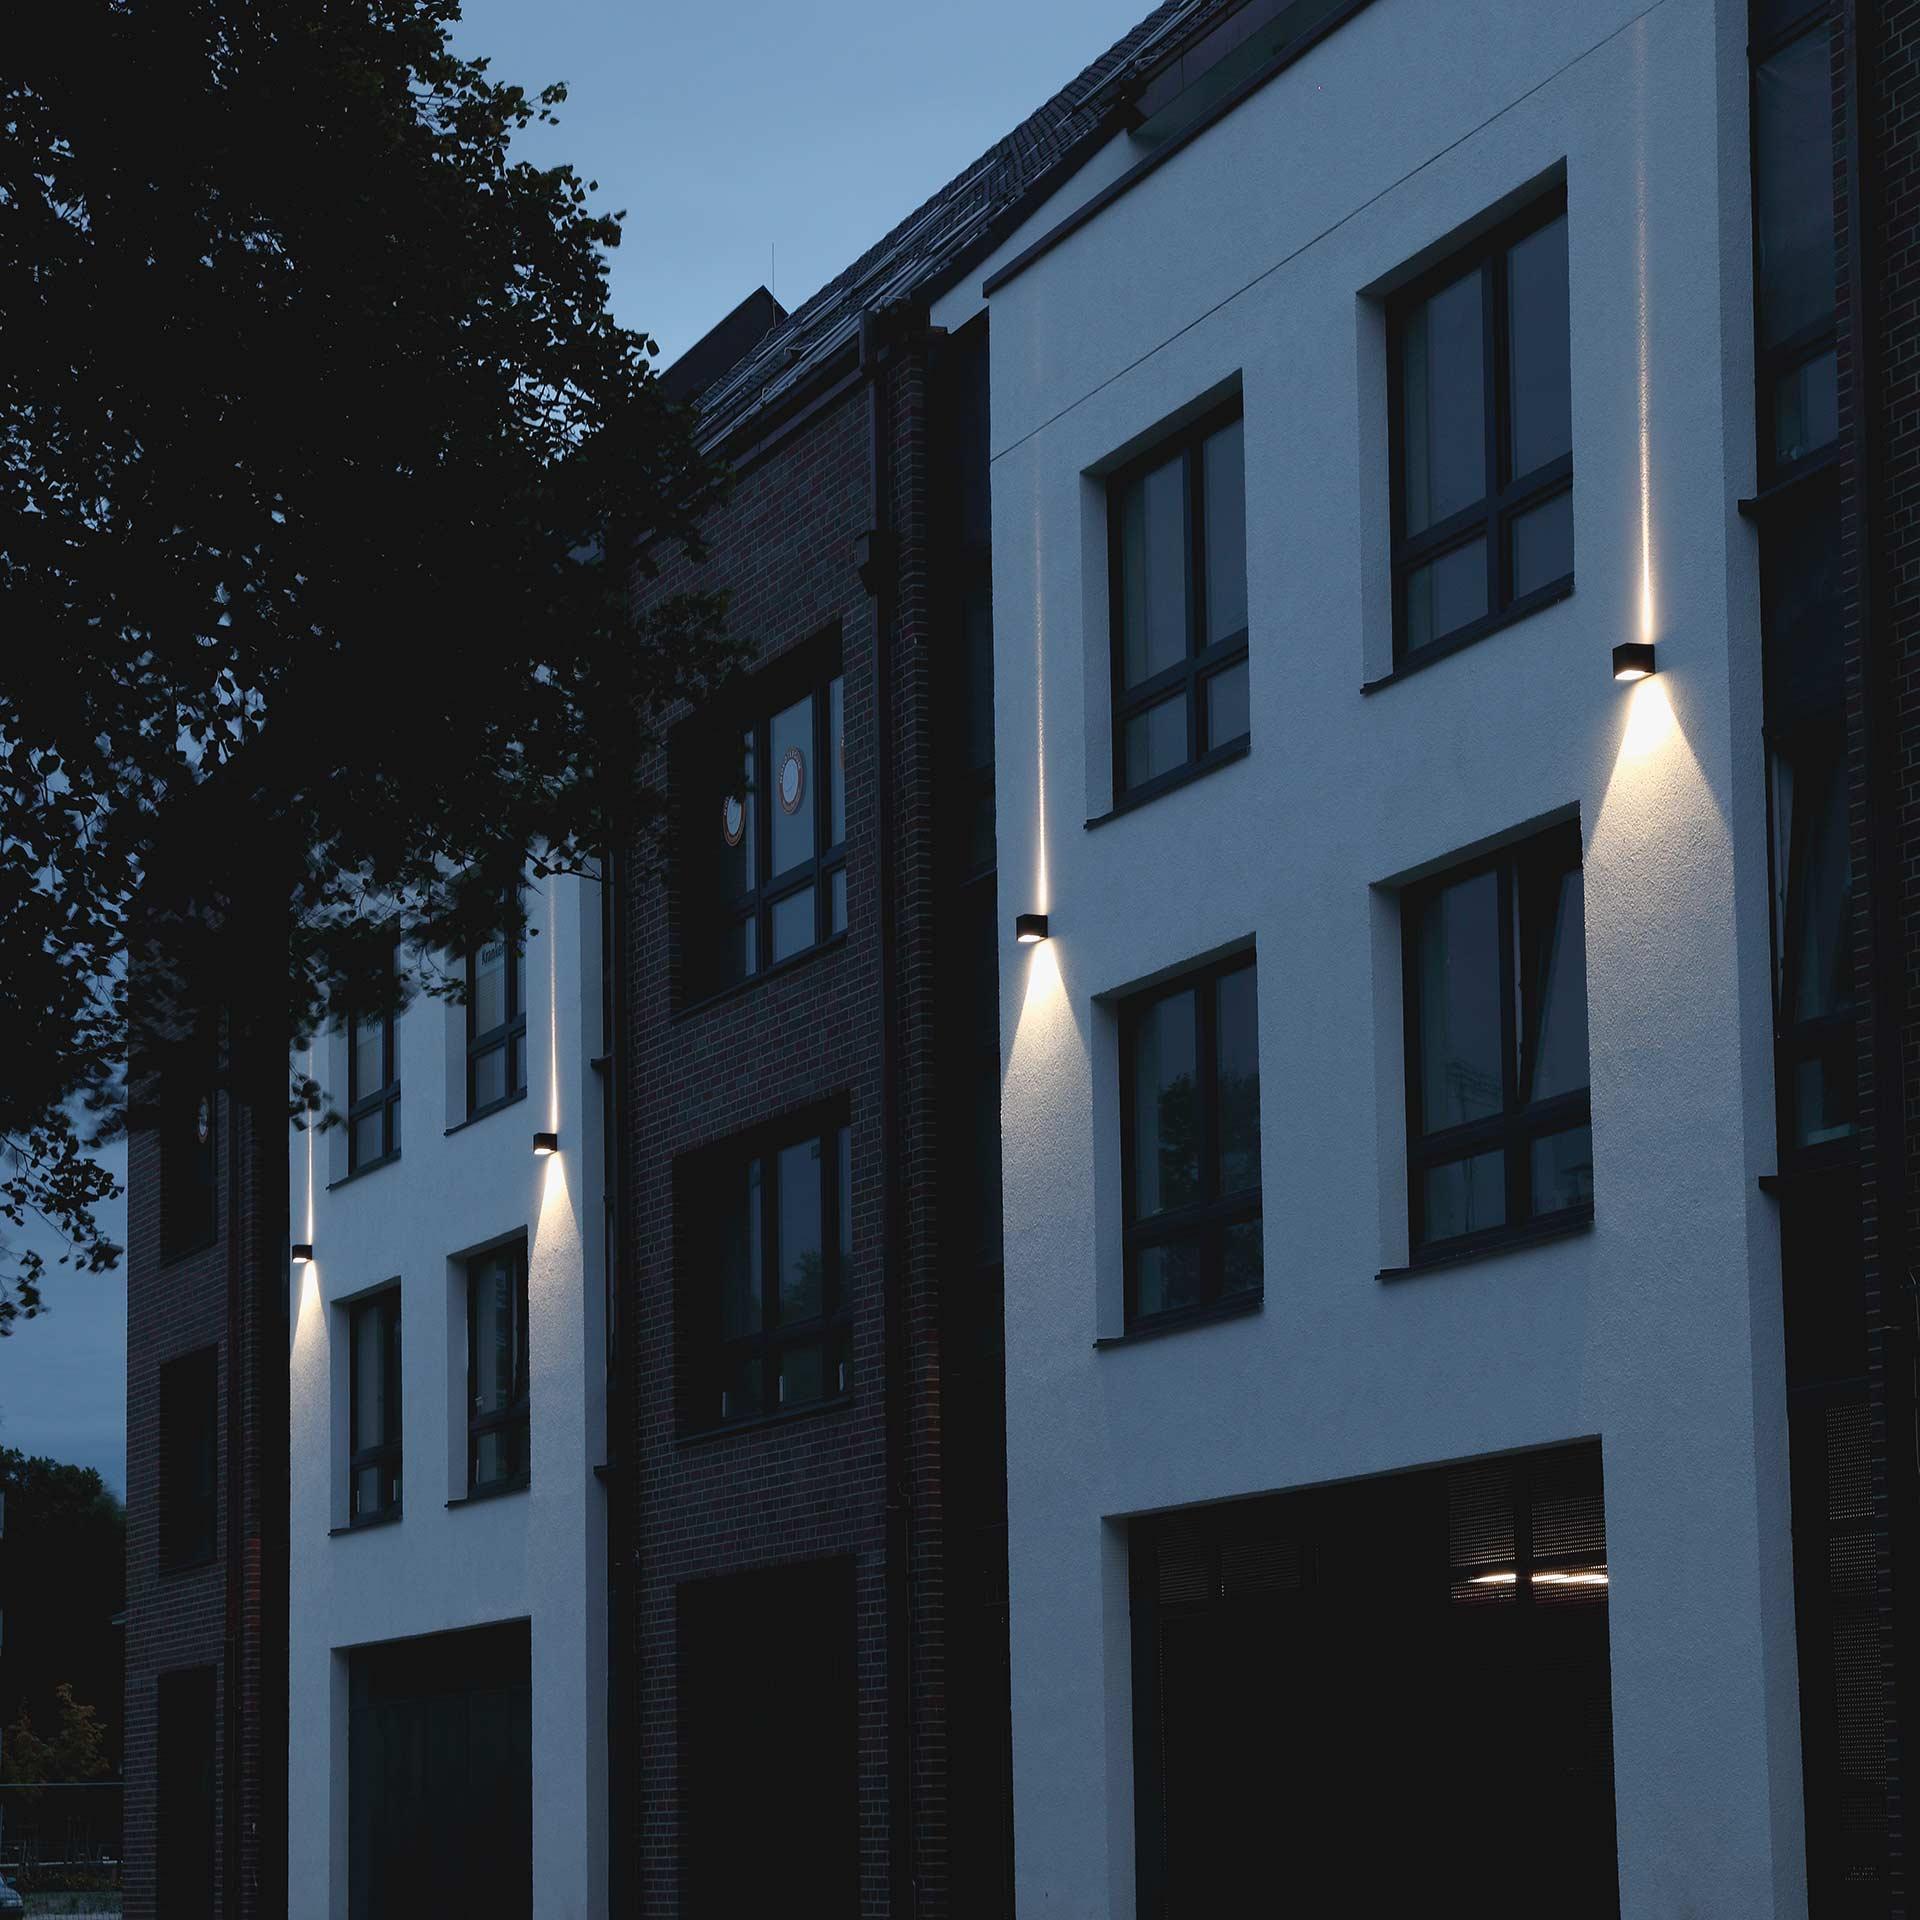 Eine stilvoll beleuchtete Hausfassade in der Abenddämmerung